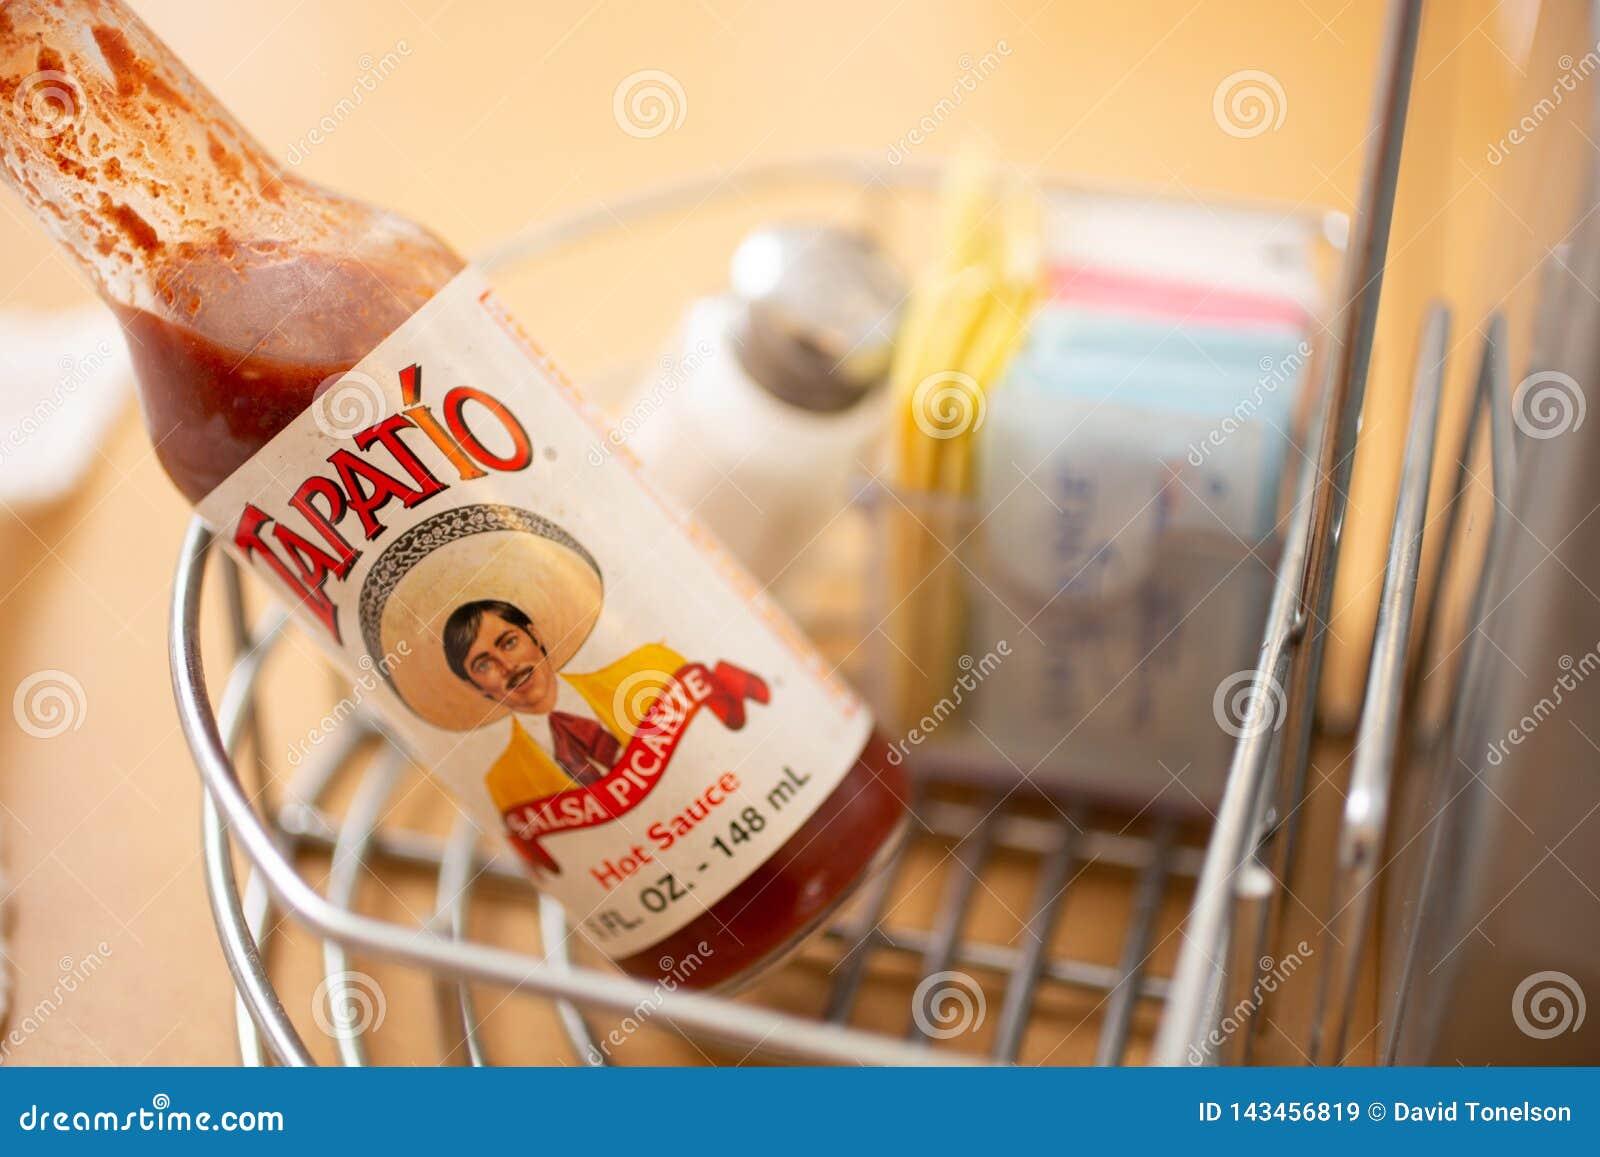 Καυτή σάλτσα Tapatio στον πίνακα